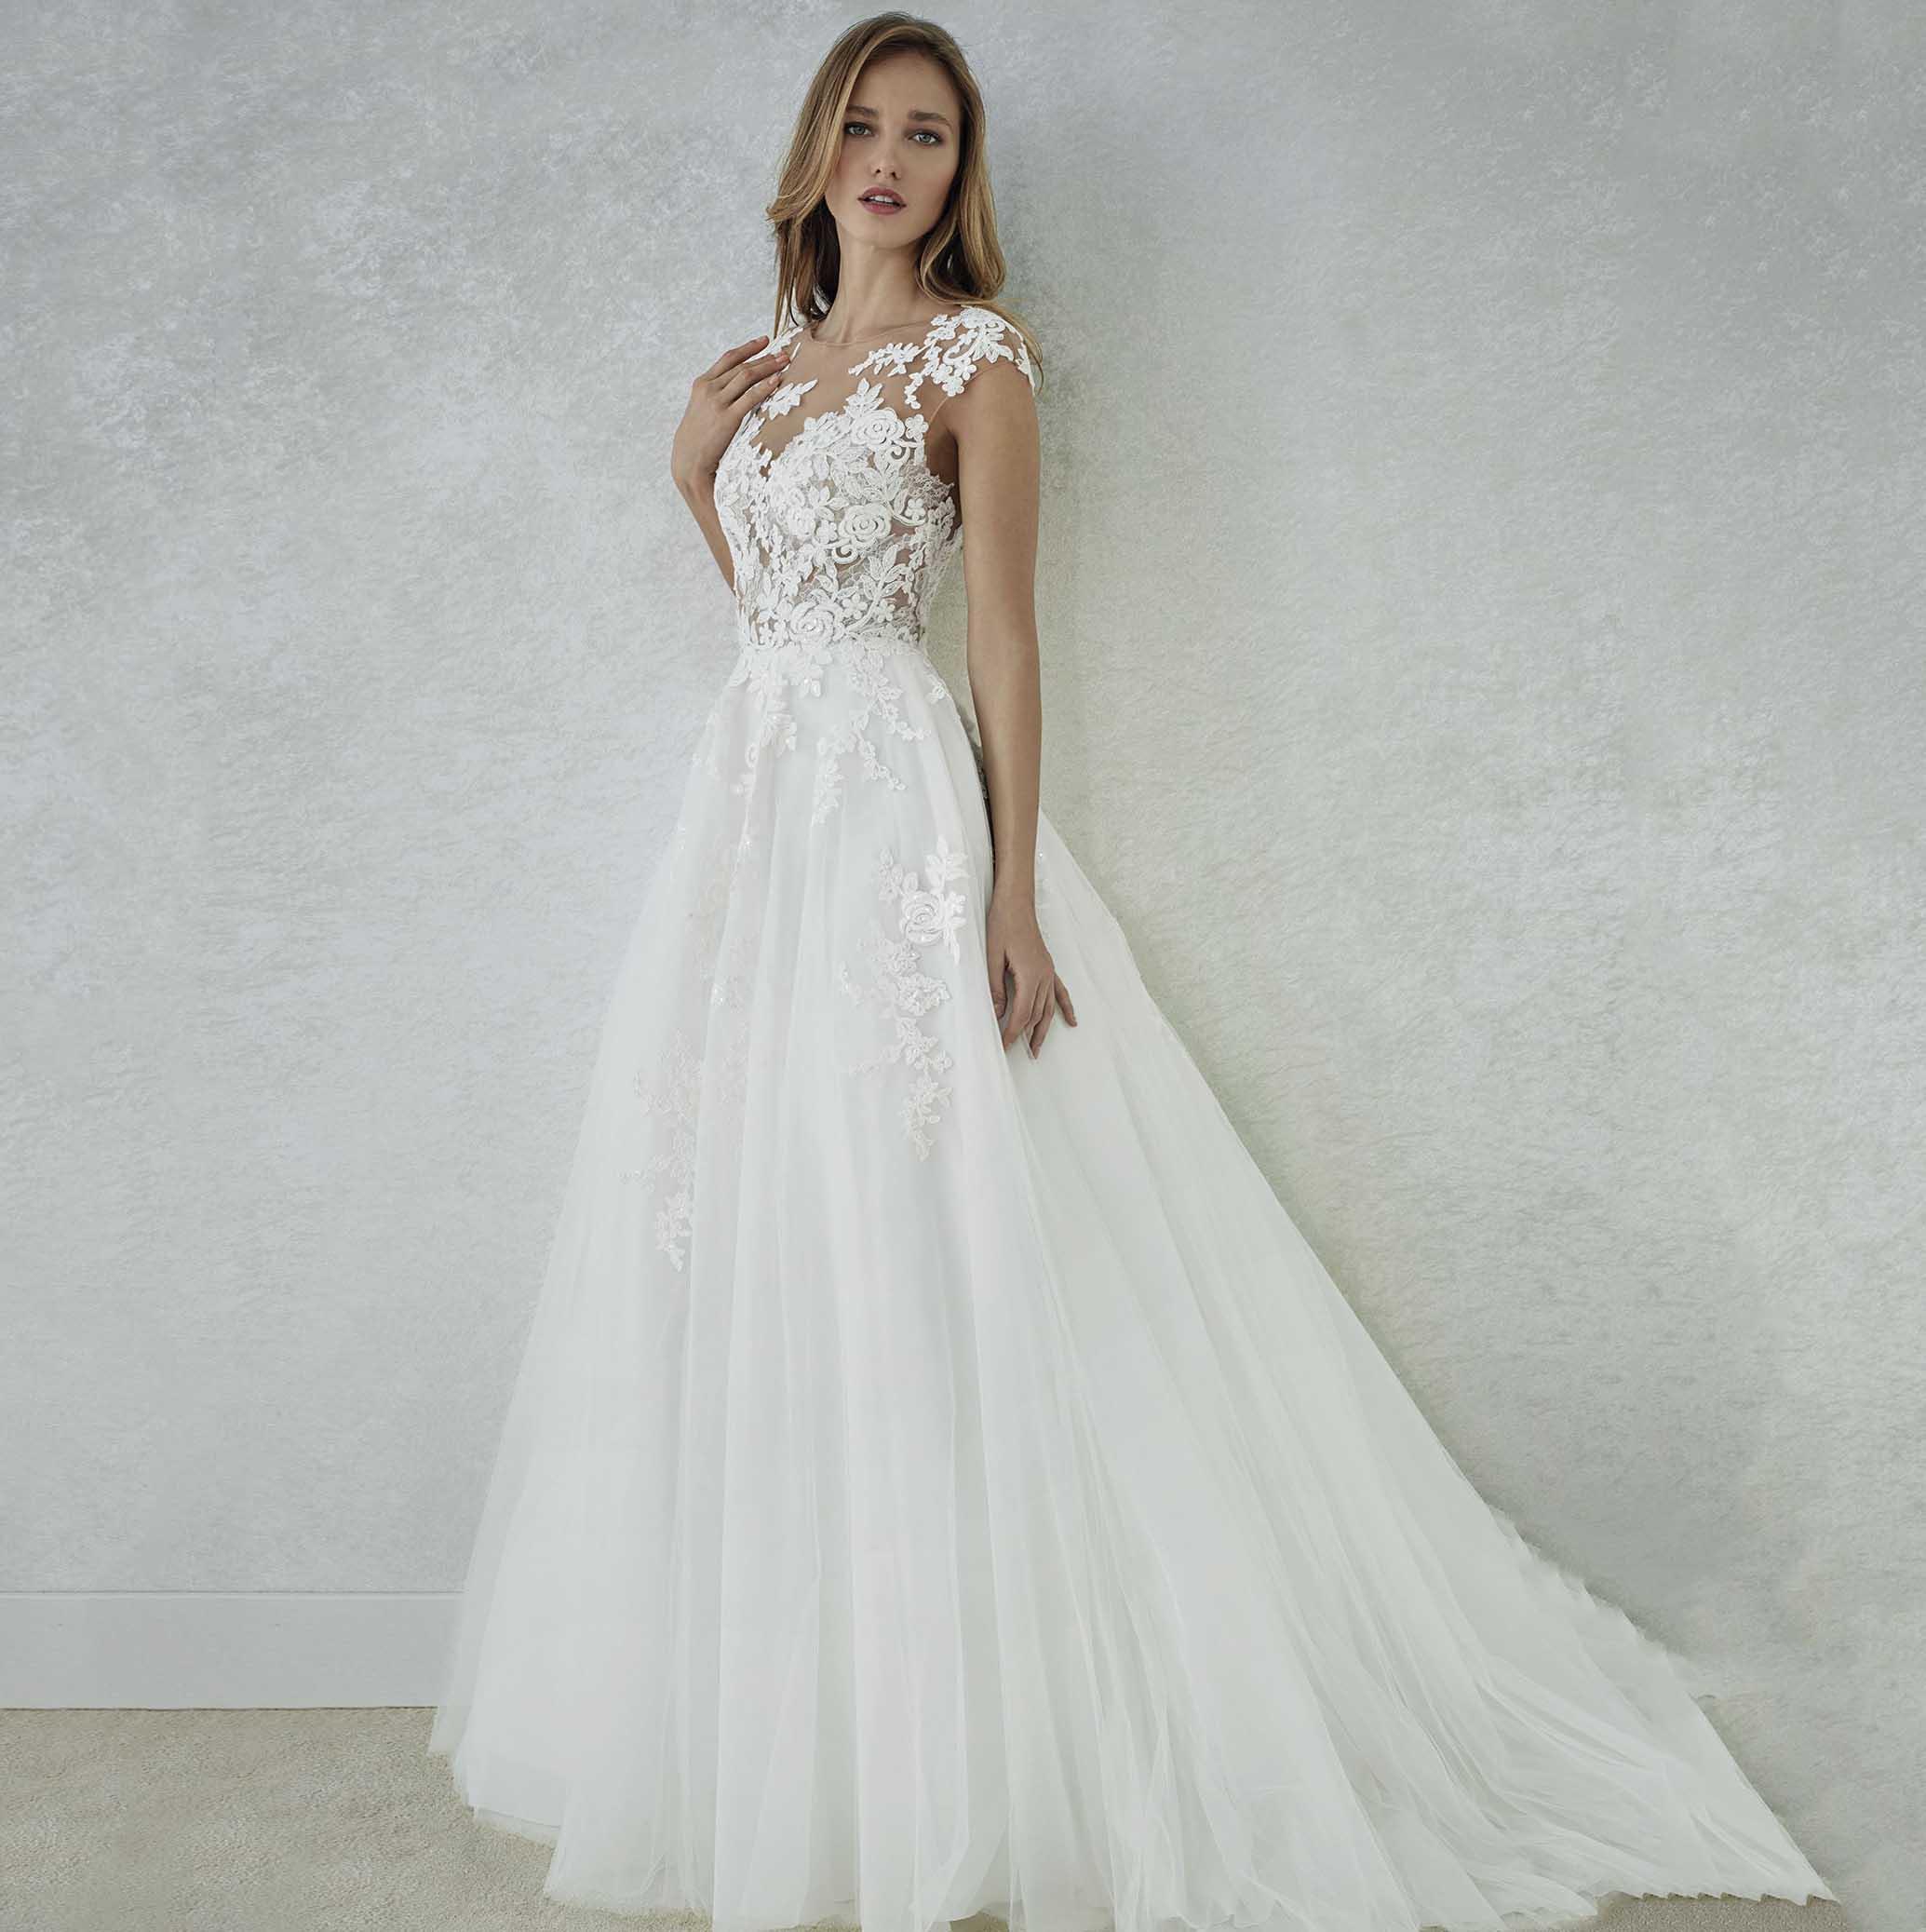 Cap manches bohème robes De mariée 2019 grande taille a-ligne dentelle Tulle plage robe De mariée Vestido De Noiva sur mesure